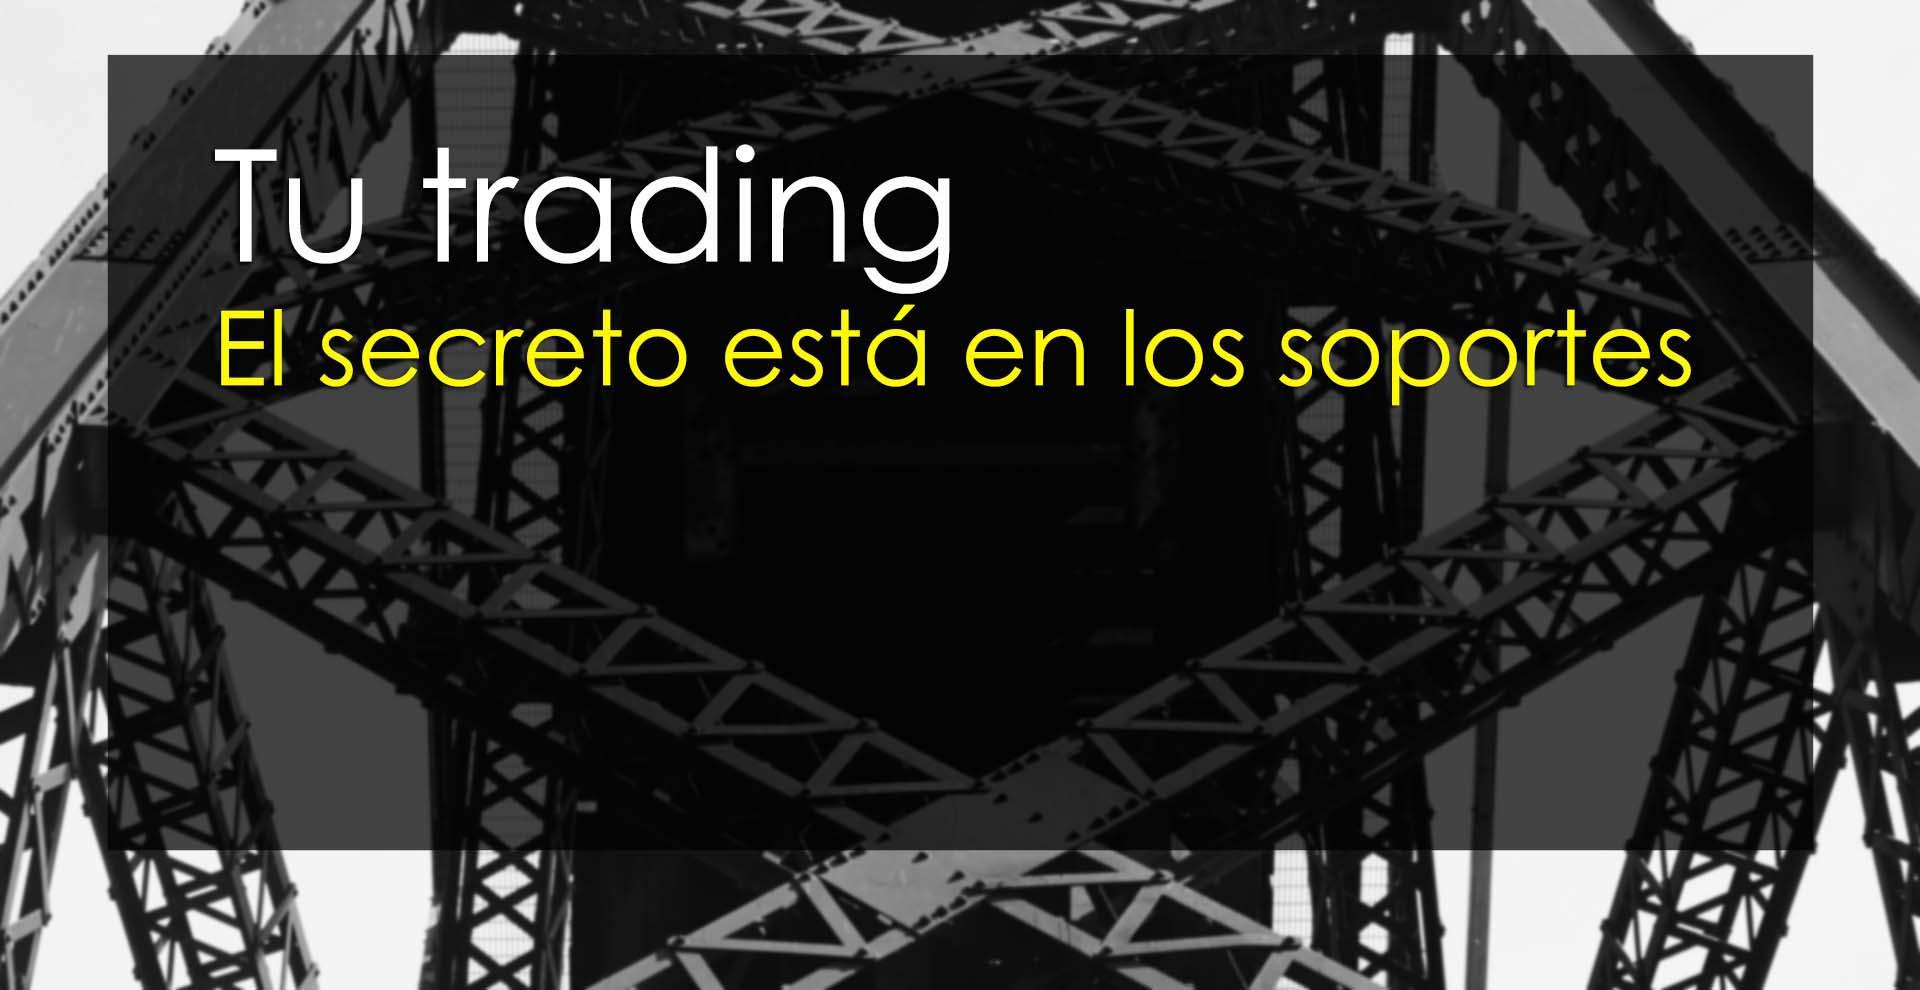 Tu trading: El secreto está en los soportes